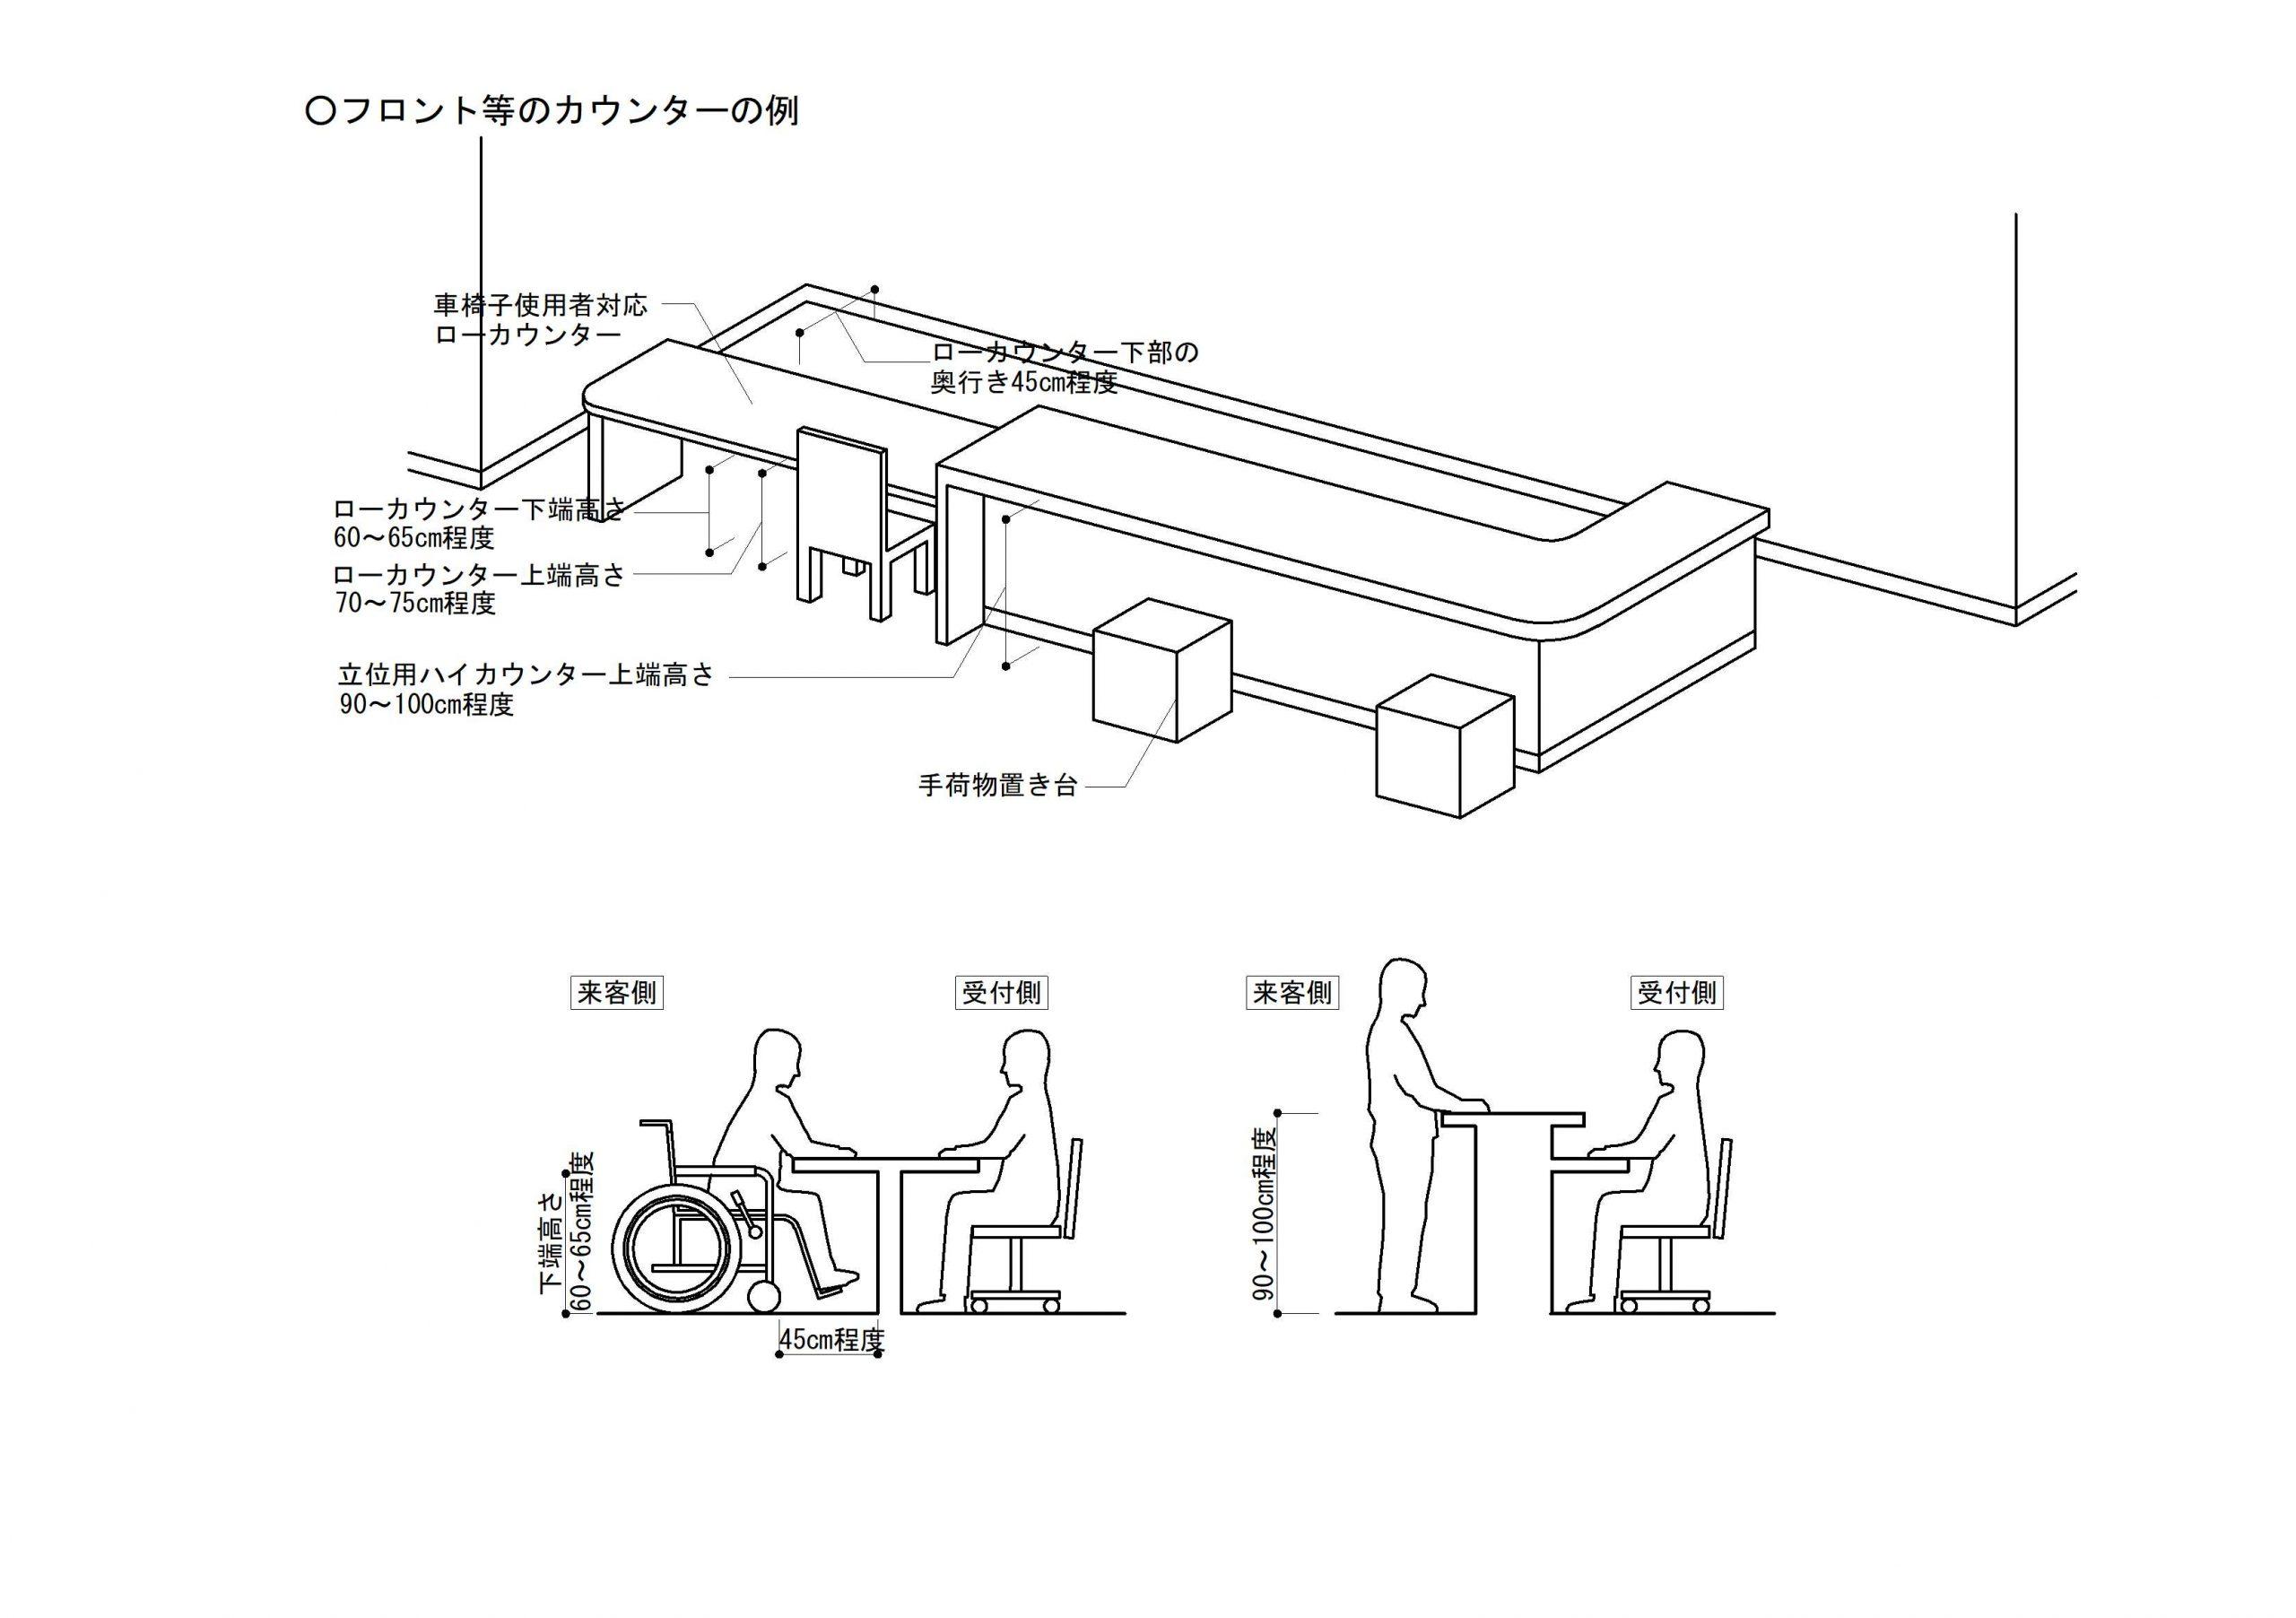 バリアフリー建築設計標準の改訂資料作成等